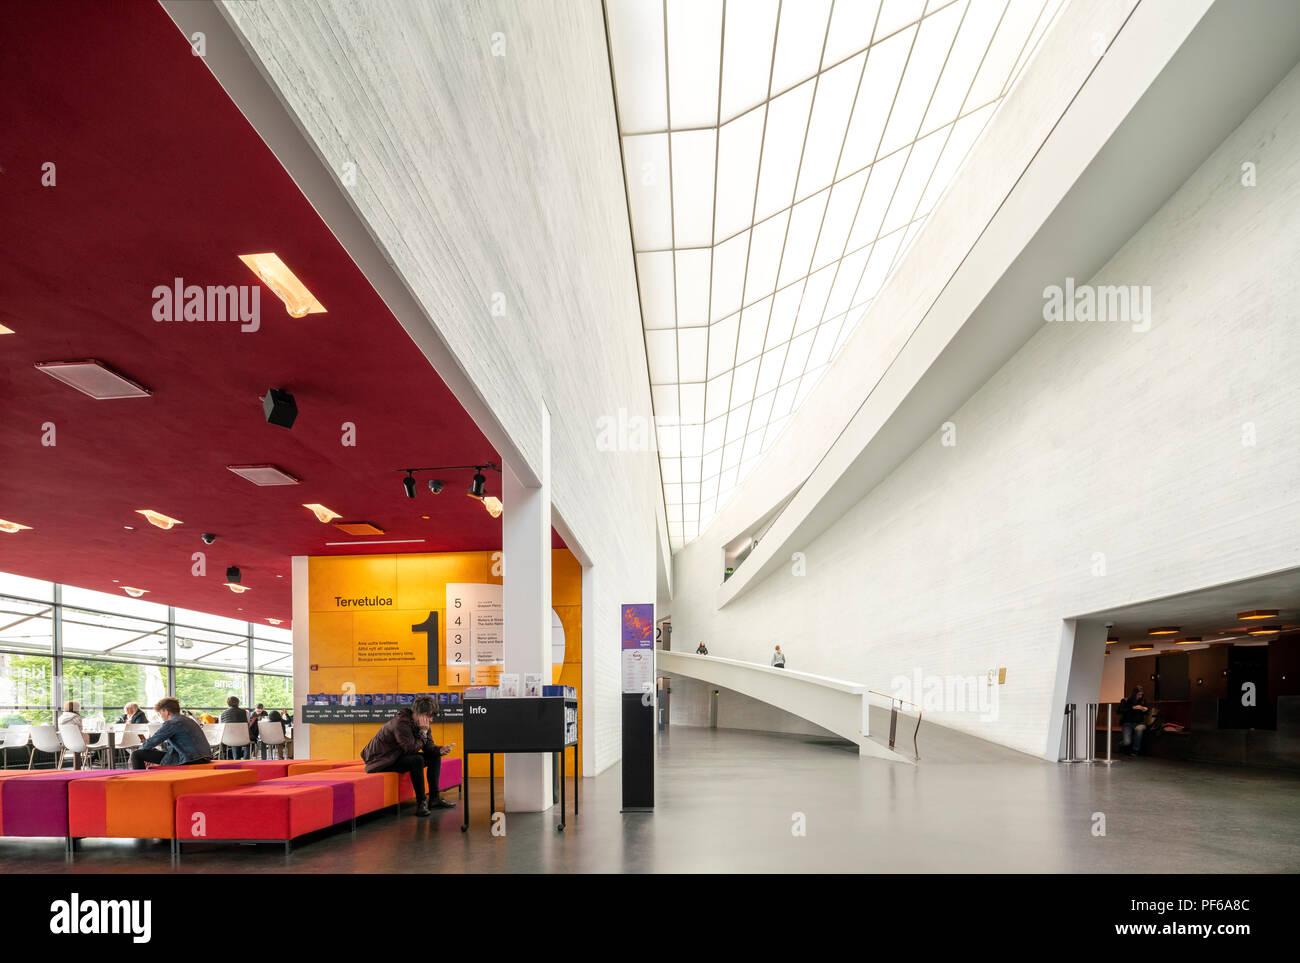 Il Kiasma Museum di Helsinki di arte contemporanea. Interno con ingresso alla Galleria e il Kiasma caffetteria sulla sinistra. Immagini Stock